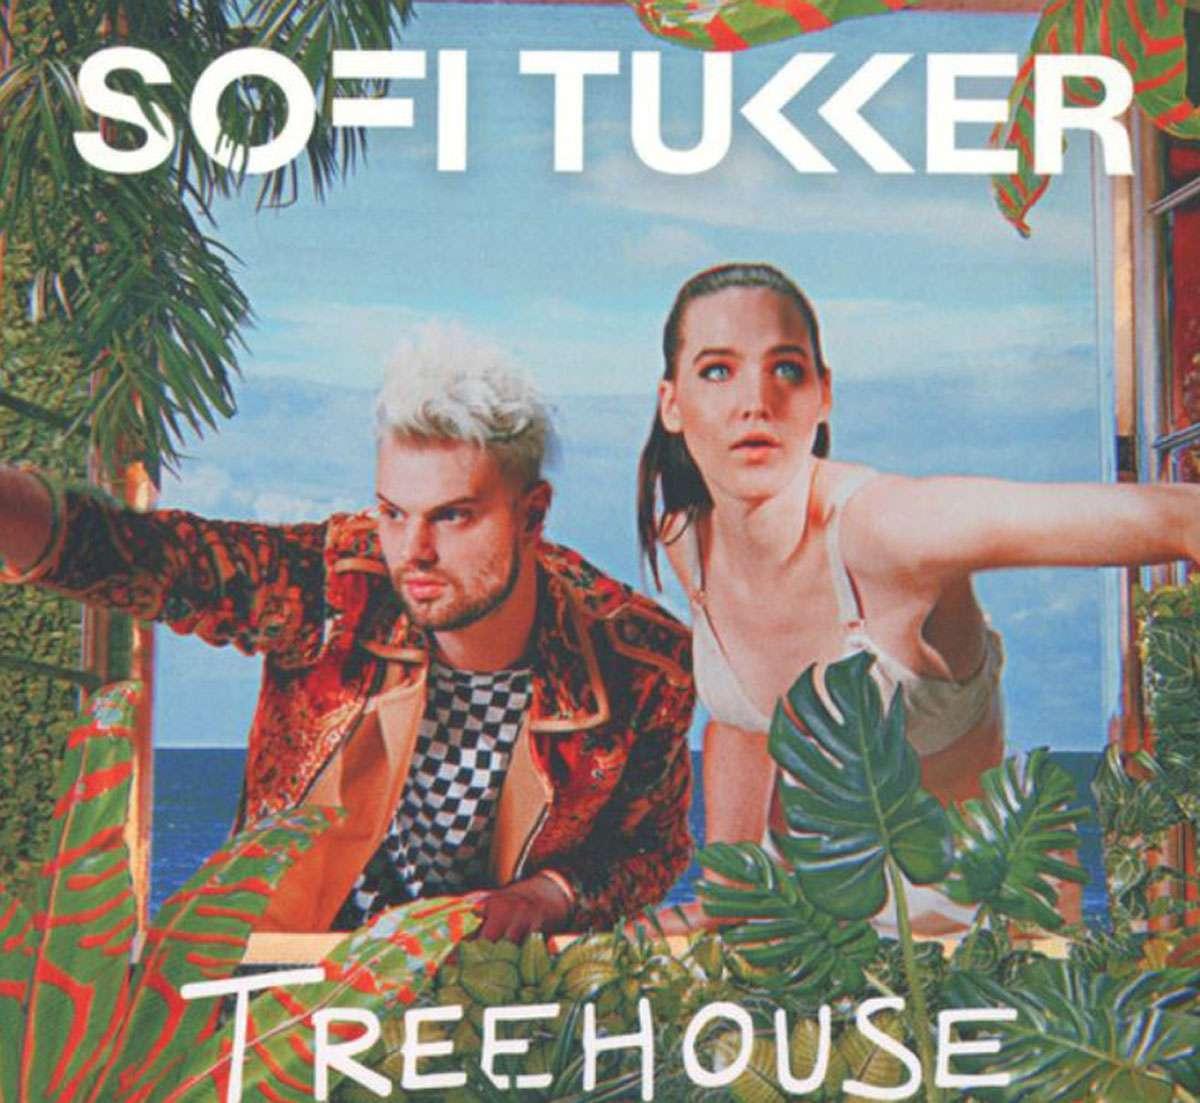 Sofi Tukker - Daily Live DJ Set